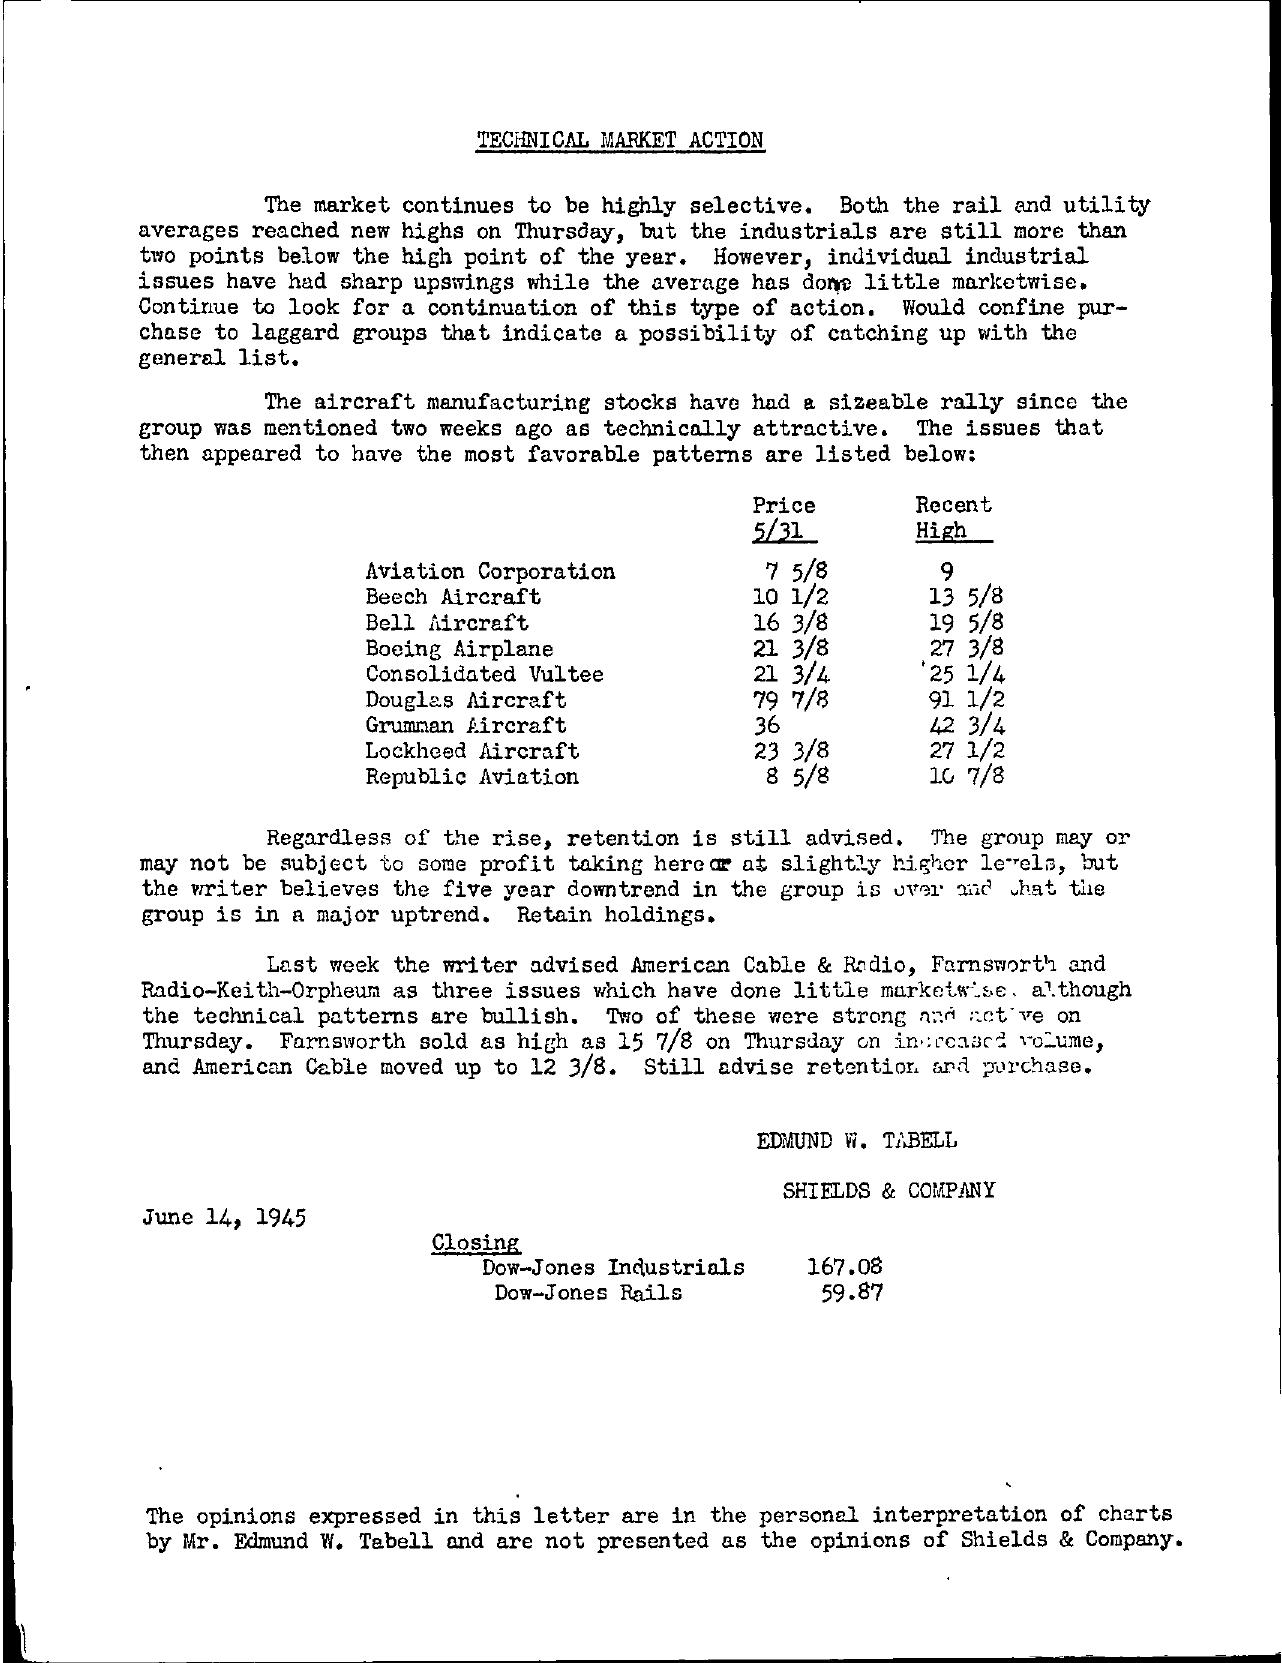 Tabell's Market Letter - June 14, 1945